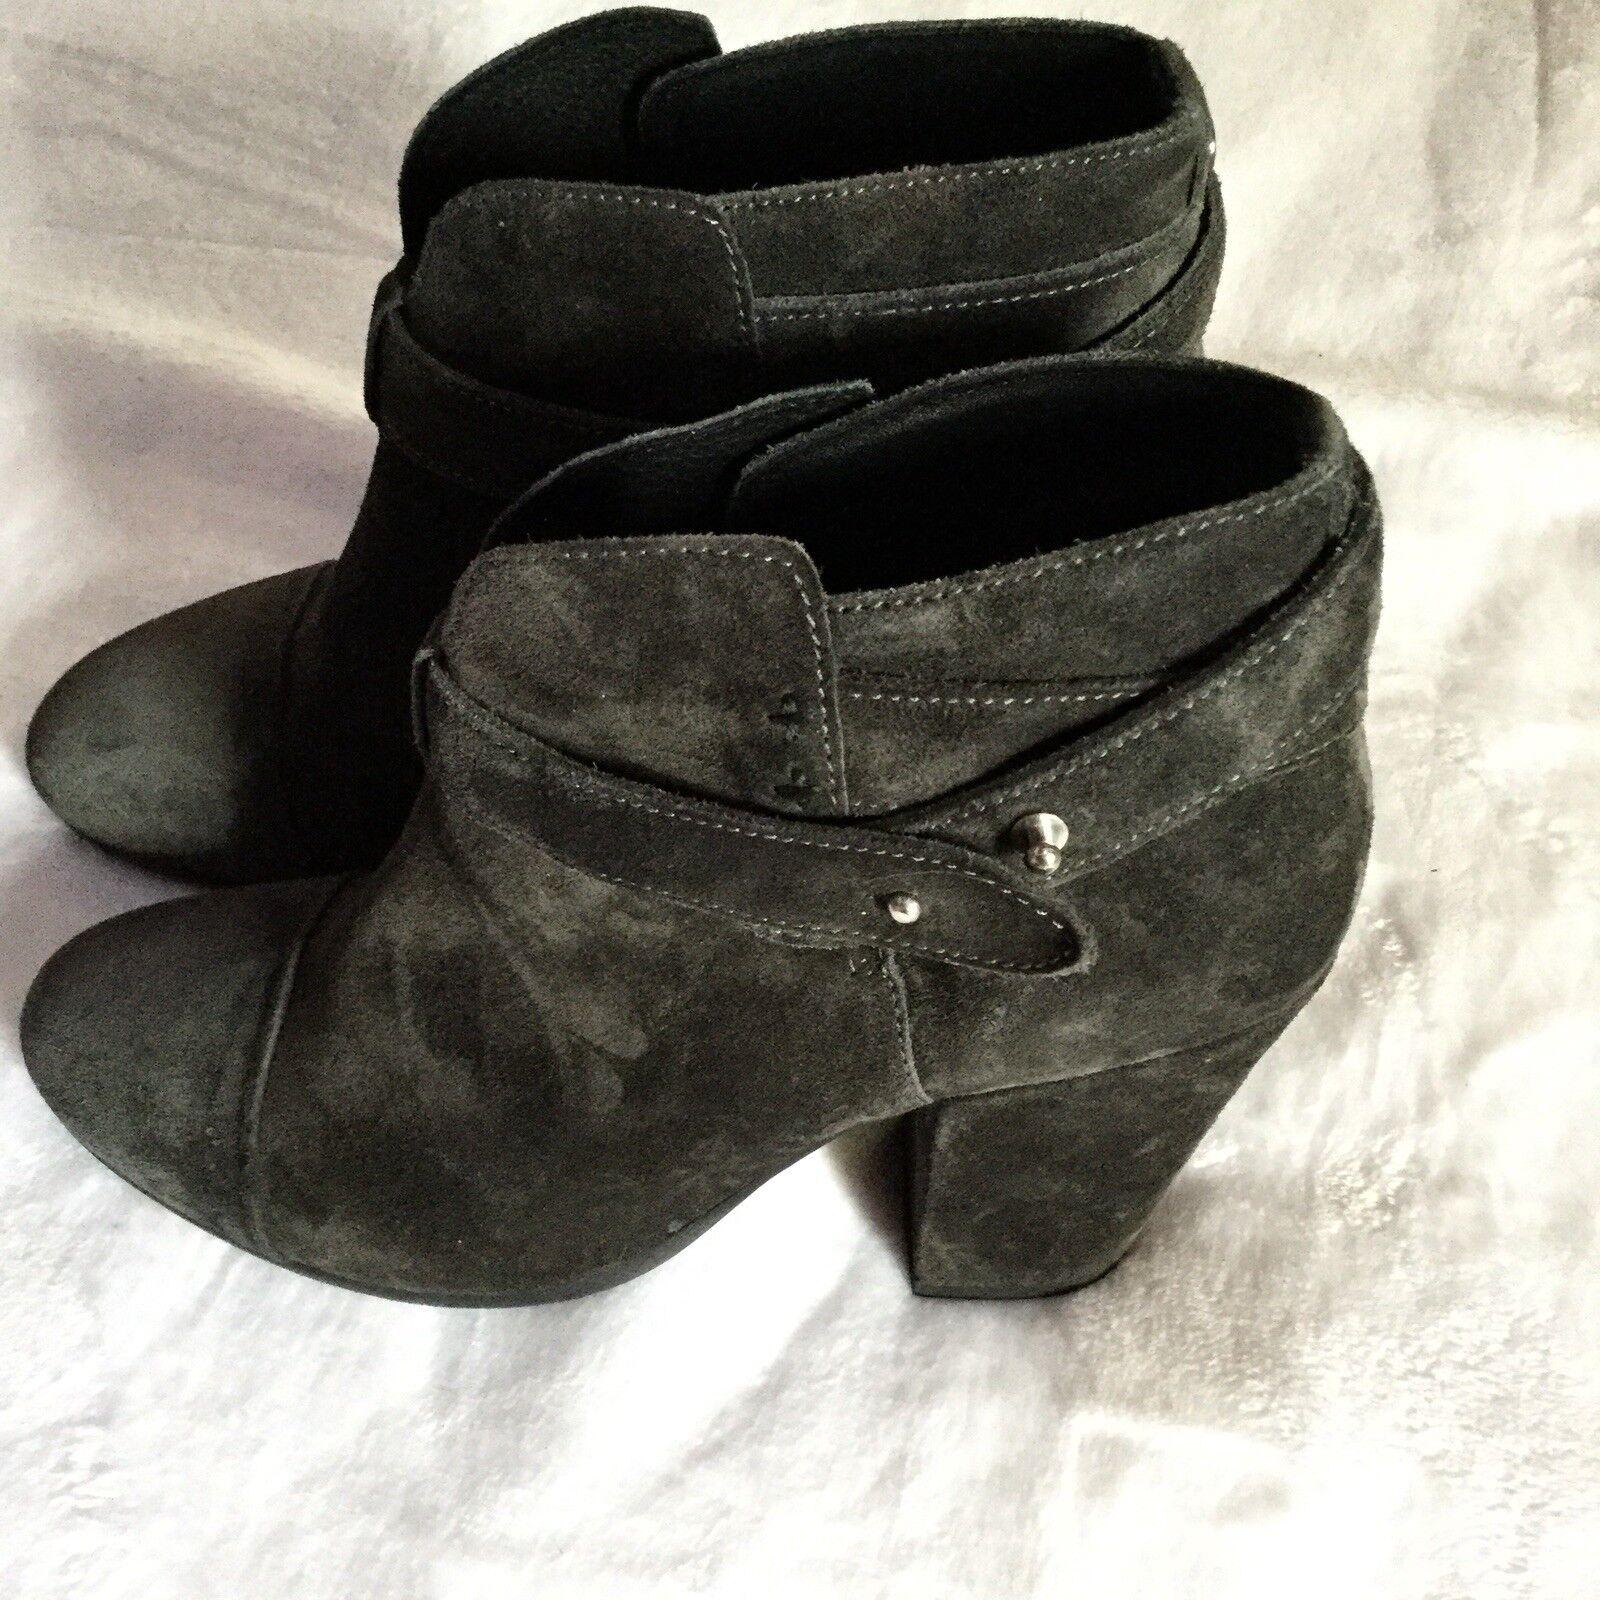 vendita outlet online Rag & Bone 'Harrow' Suede Suede Suede Leather avvio Dark grigio 39 MSRP  495  migliore marca